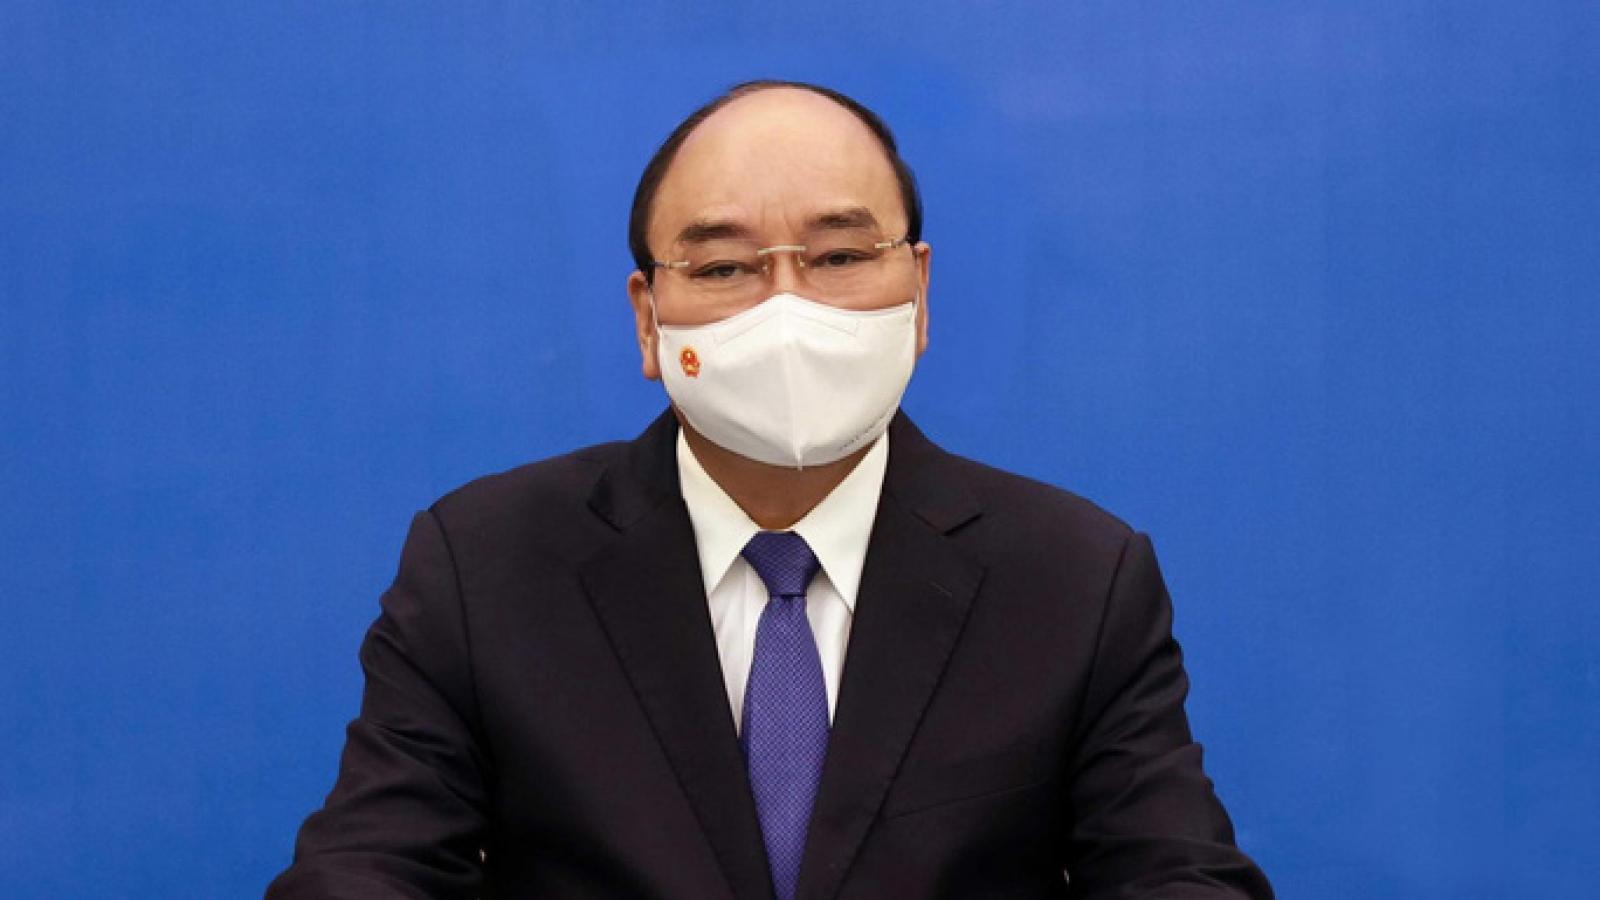 Việt Nam luôn coi Nhật Bản là đối tác chiến lược, quan trọng hàng đầu, lâu dài